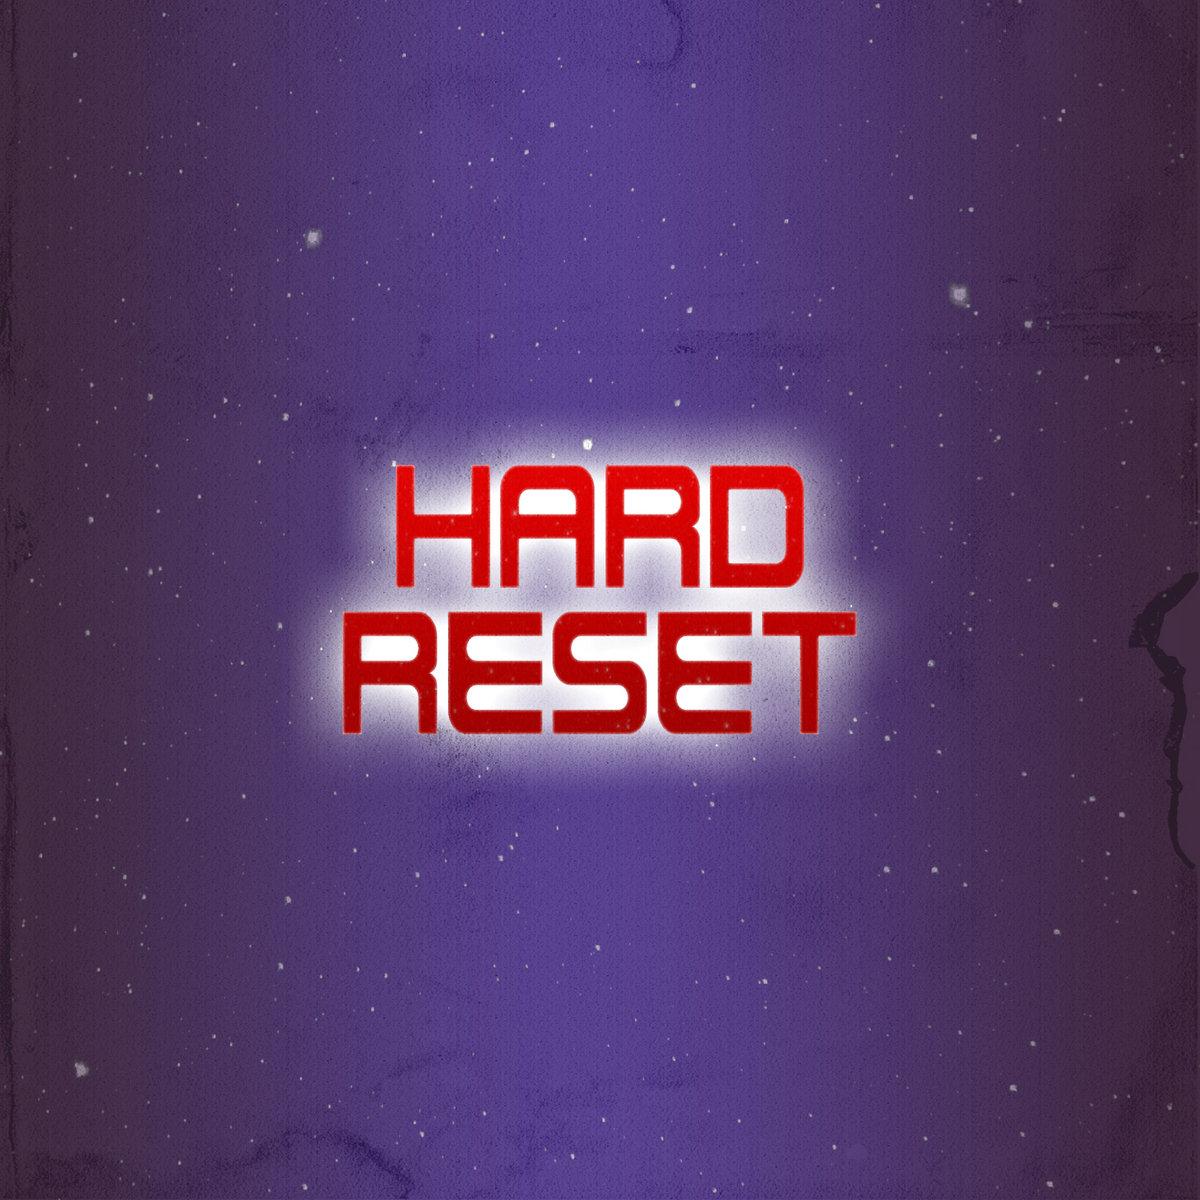 AXLSD - HARD RESET